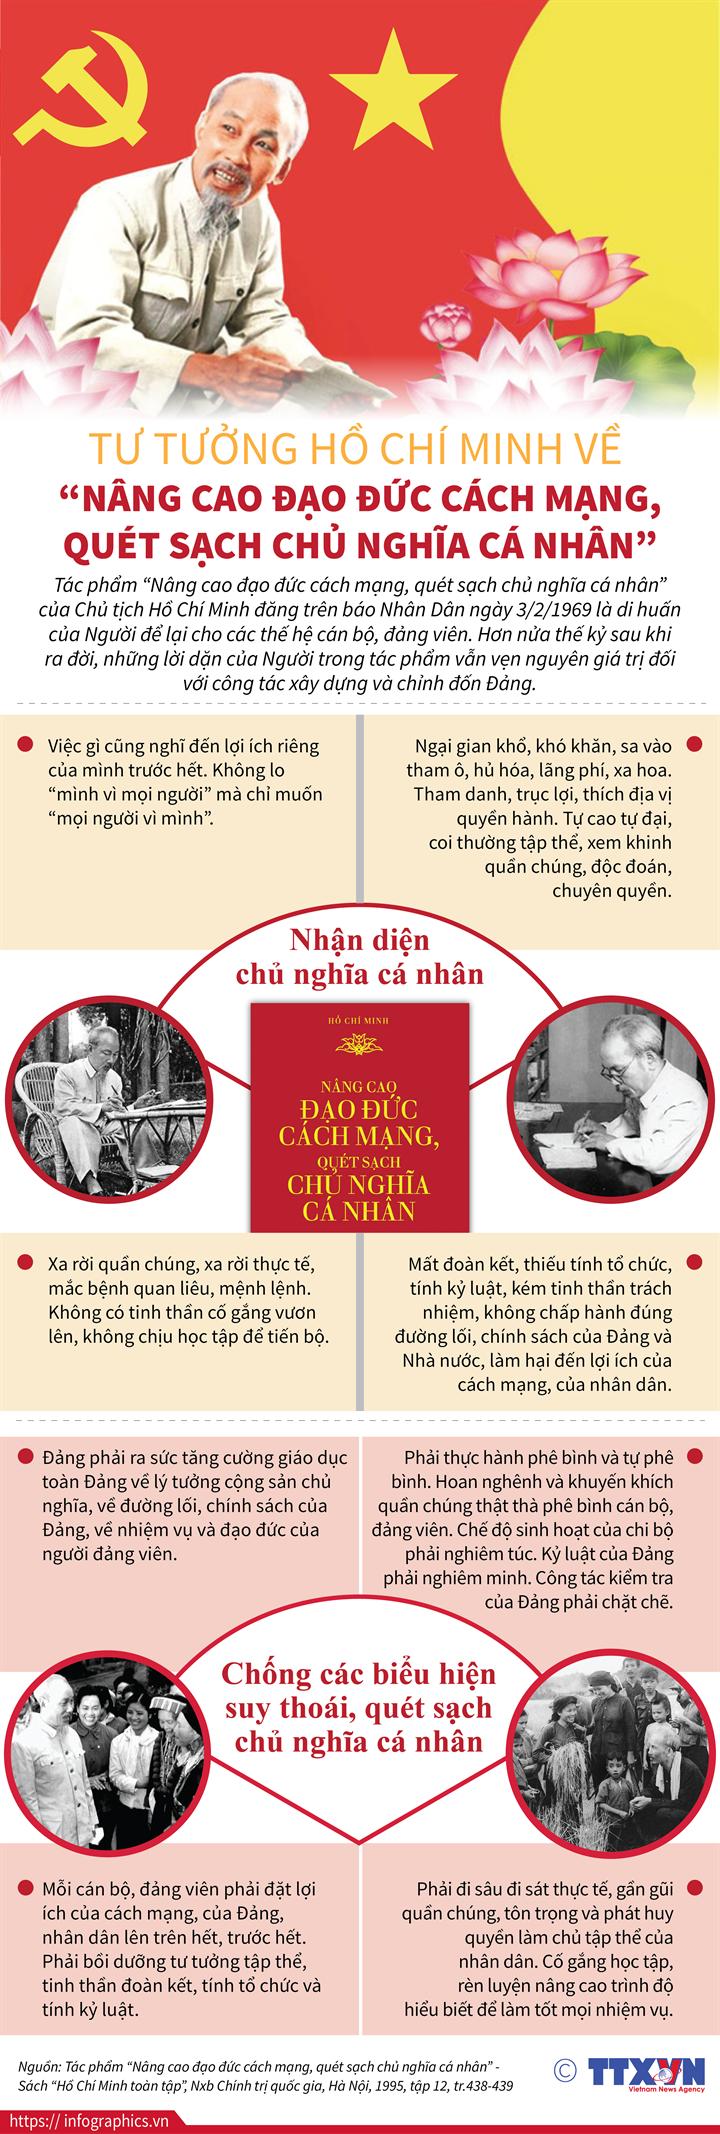 """Tư tưởng Hồ Chí Minh về """"Nâng cao đạo đức cách mạng, quét sạch chủ nghĩa cá nhân"""""""